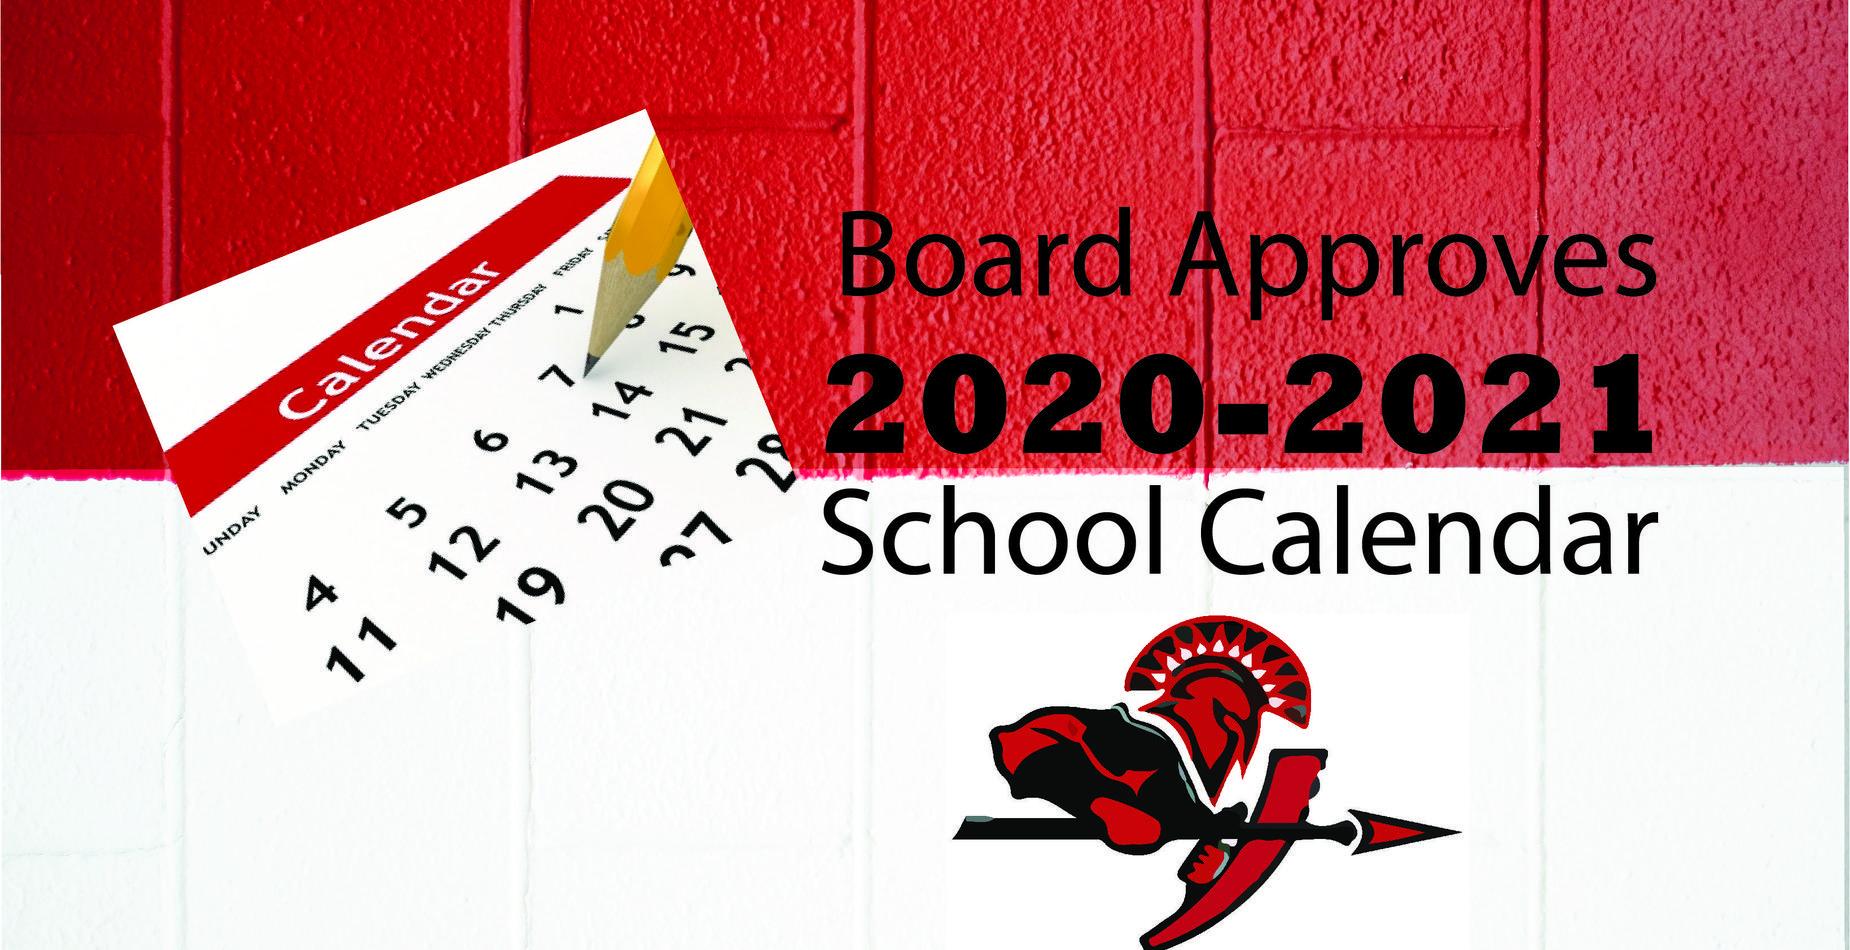 School board approves 2020-2021 school calendar